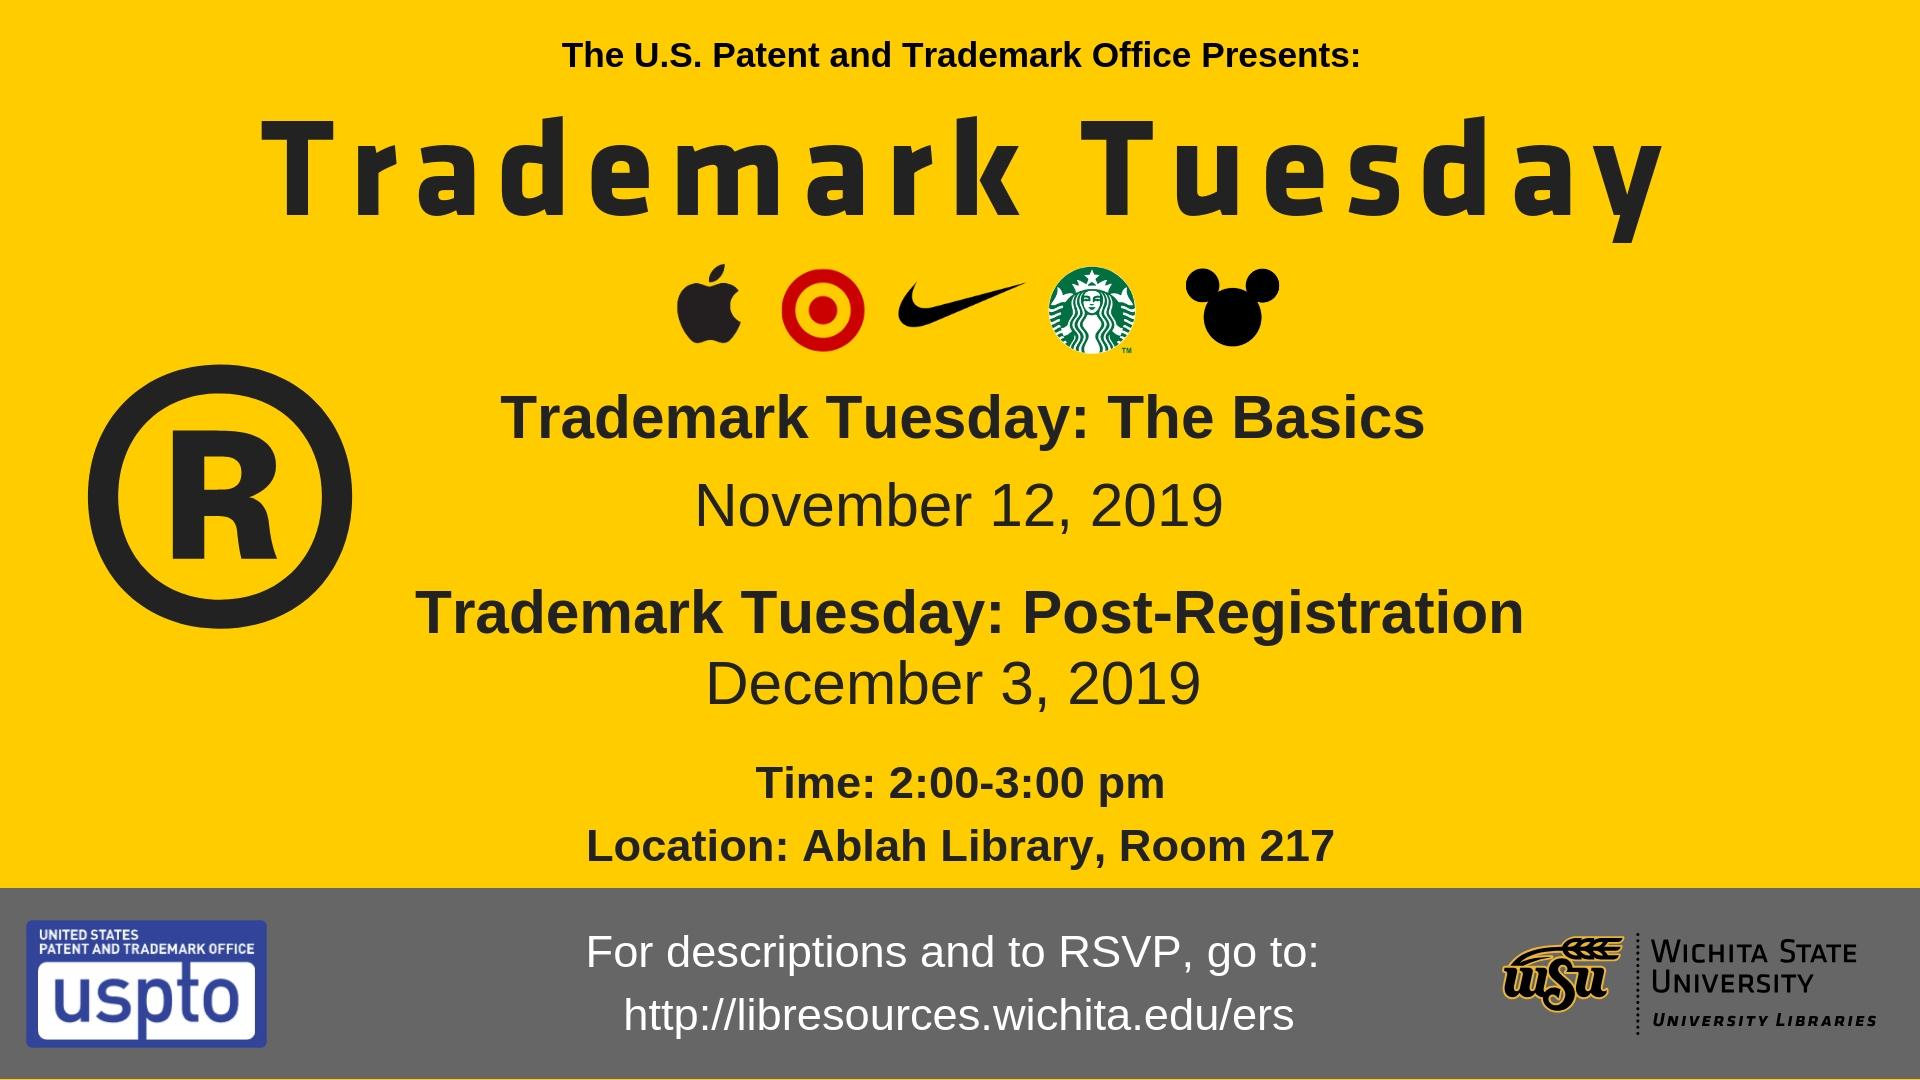 Trademark Tuesday: The Basics